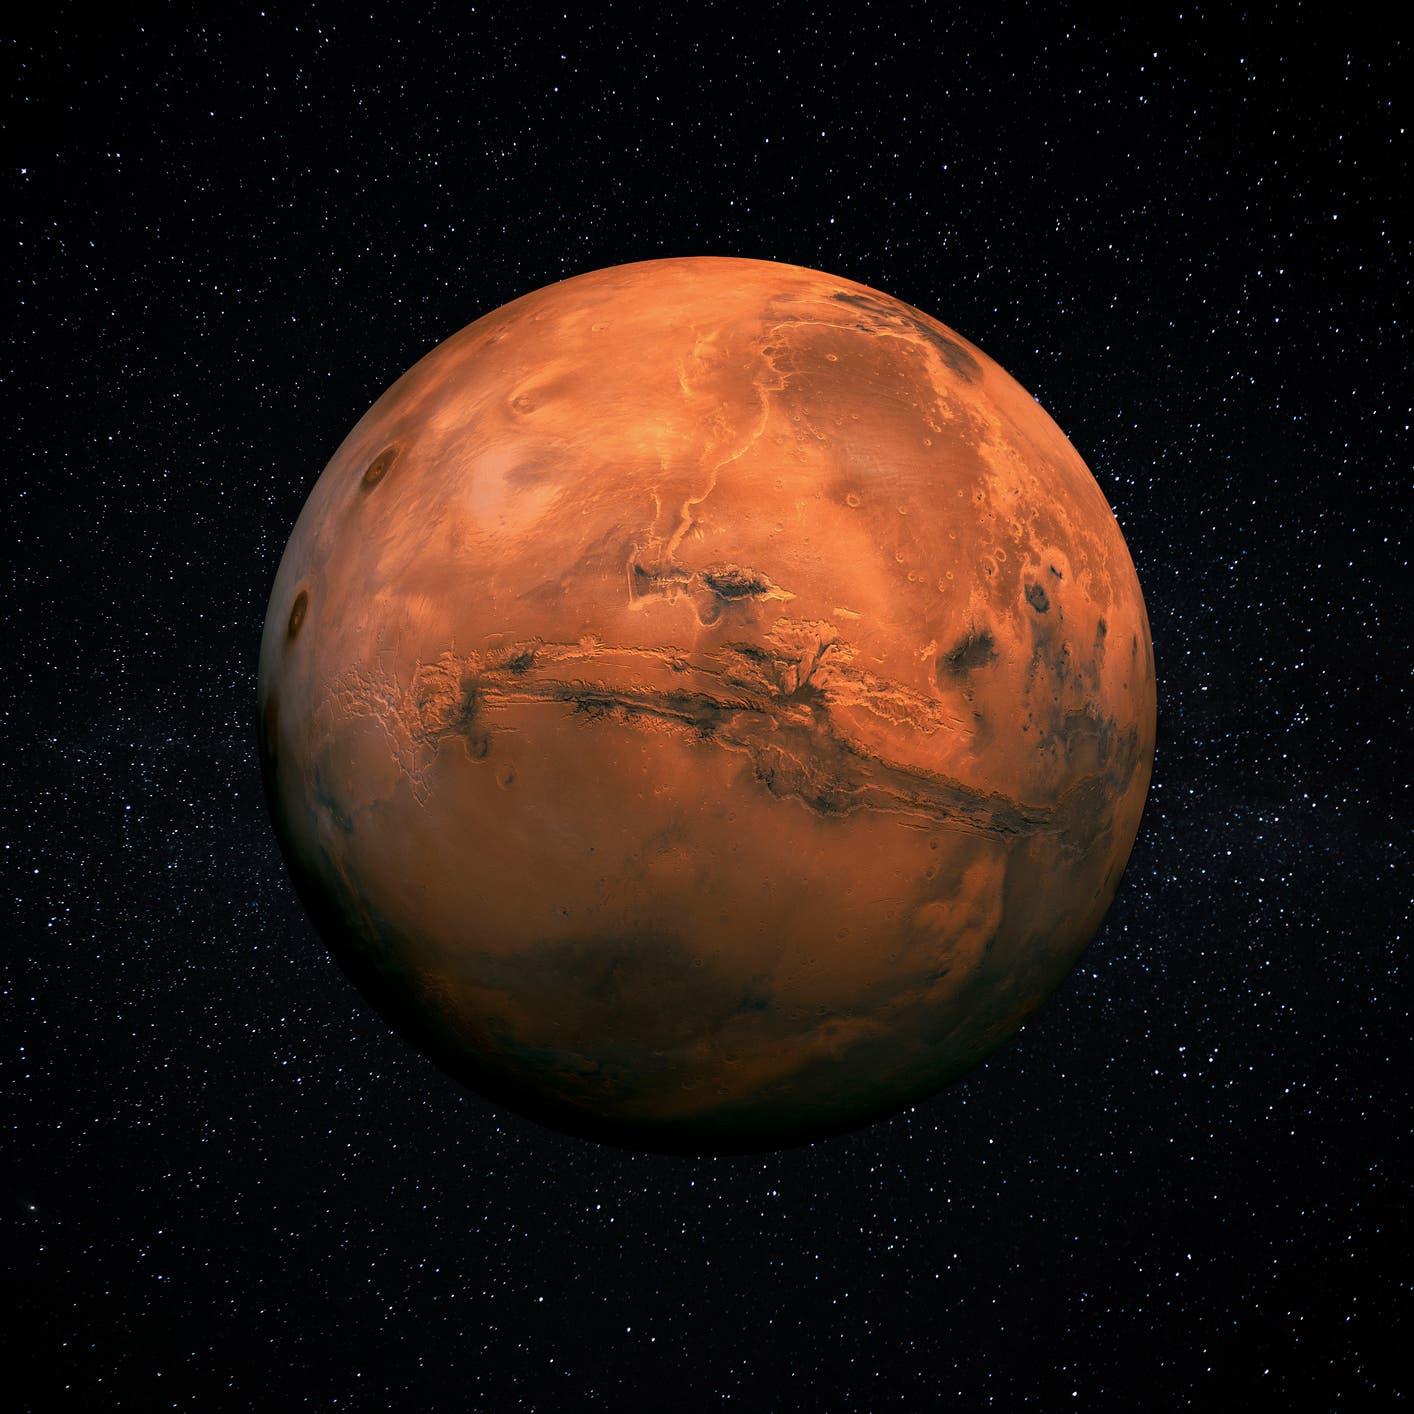 شاهد.. مسبار الأمل يلتقط أول صورة للشفق على المريخ